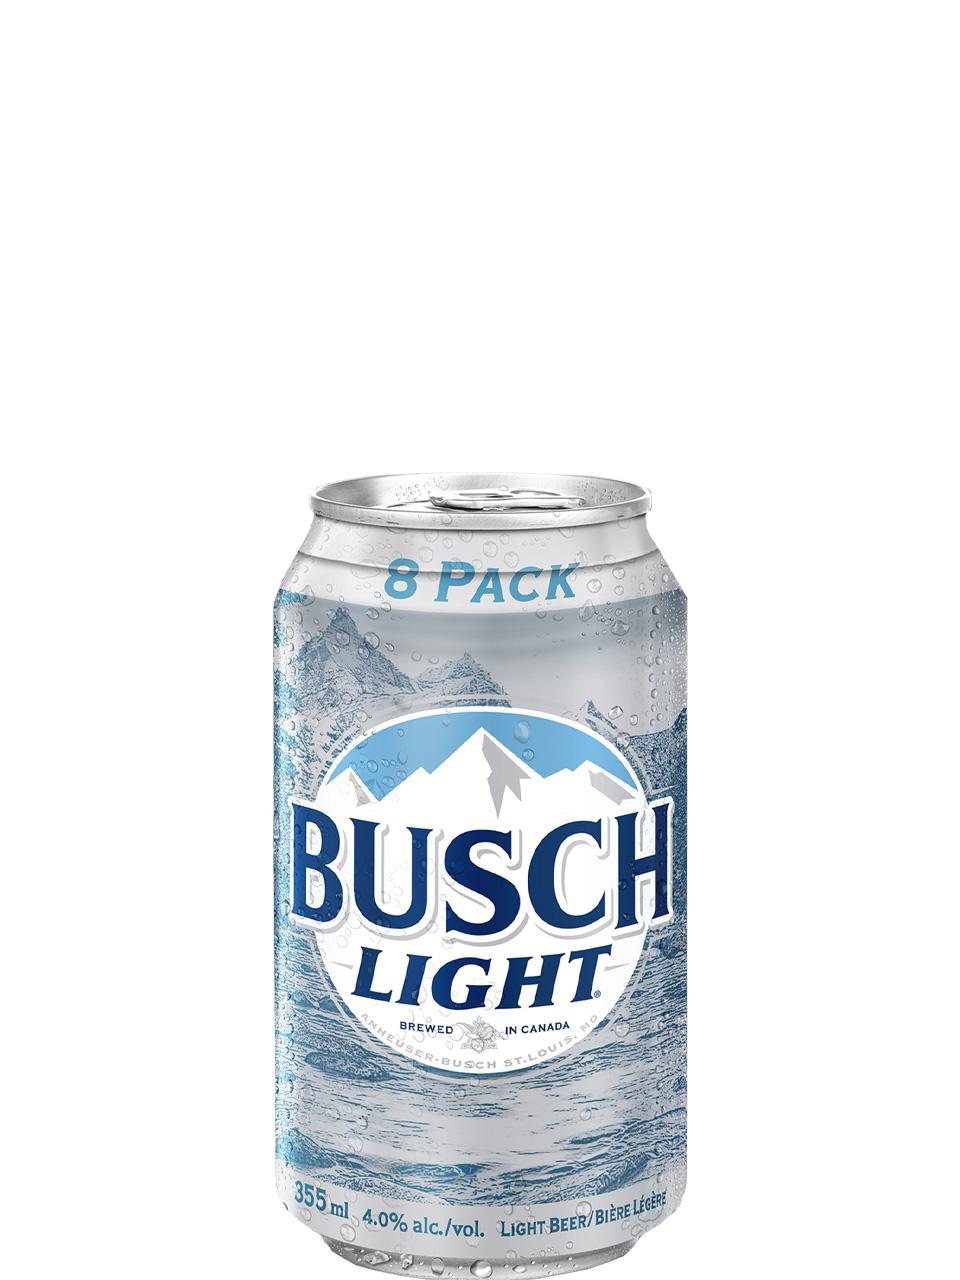 Busch Light 8 Pack Cans